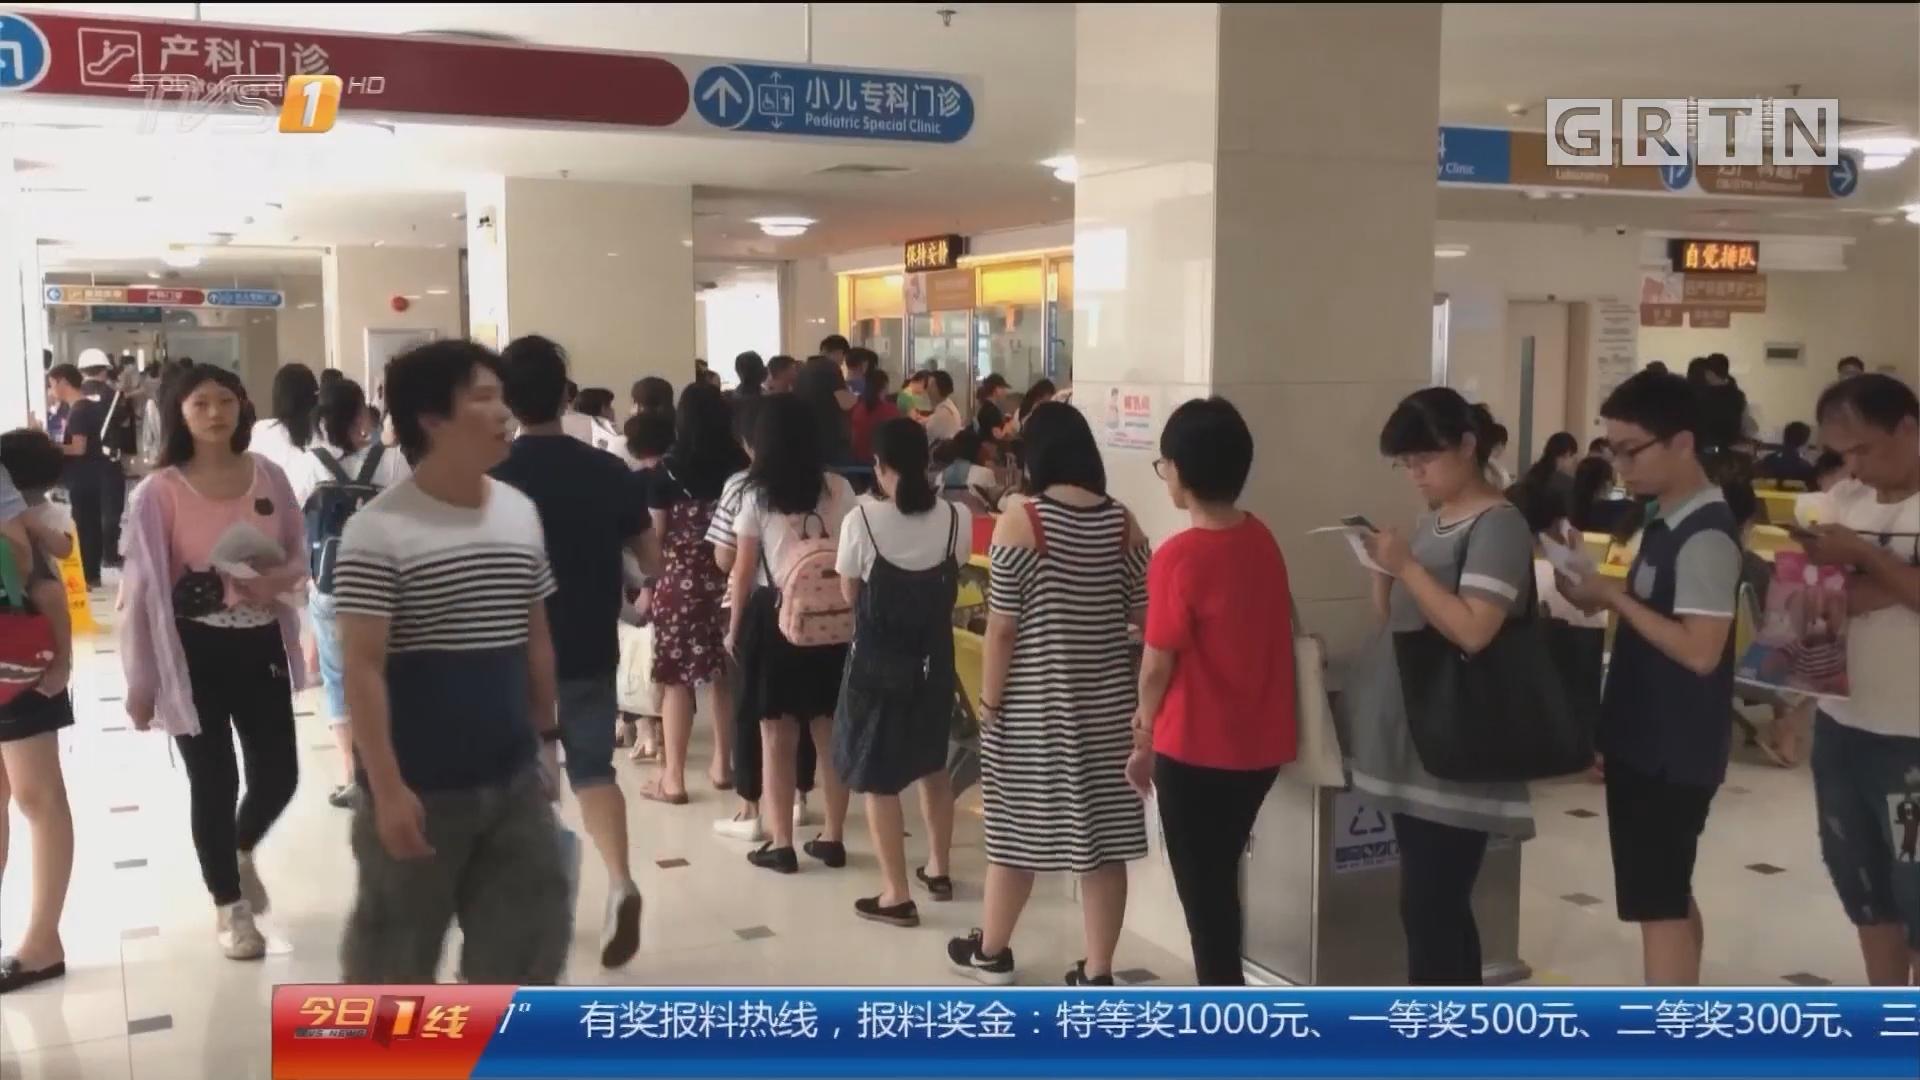 广州天河:医院排队一小时无法缴费 系统瘫痪?